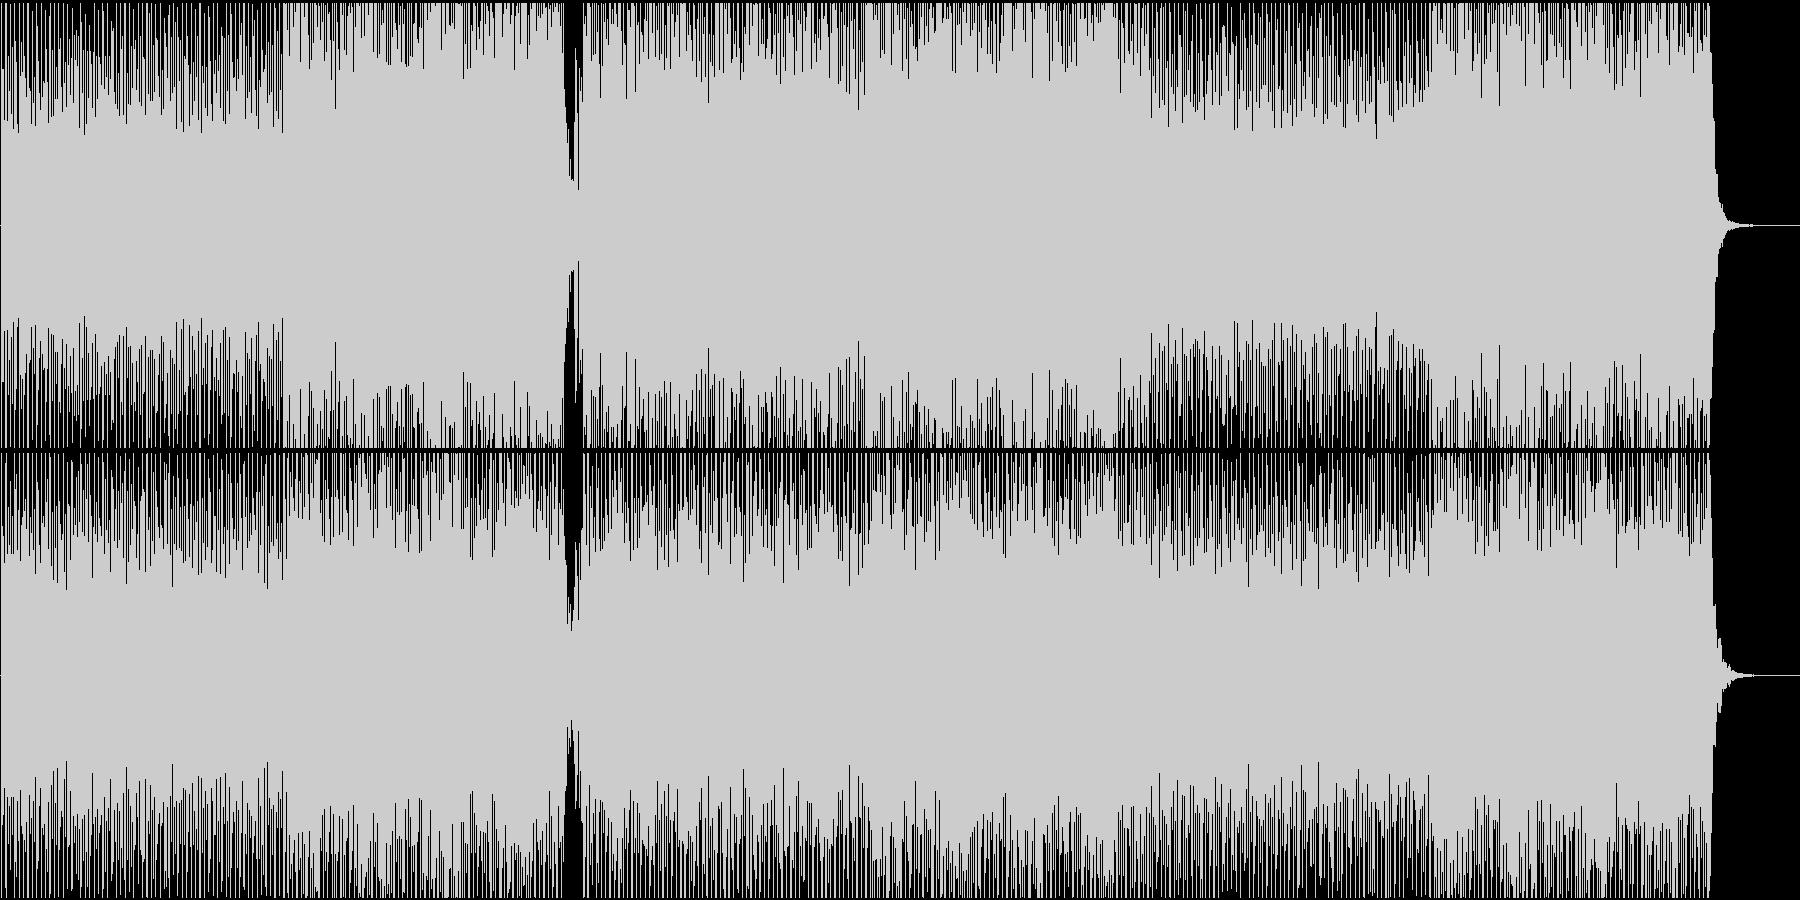 エレクトロニックポップBGM(Voあり)の未再生の波形